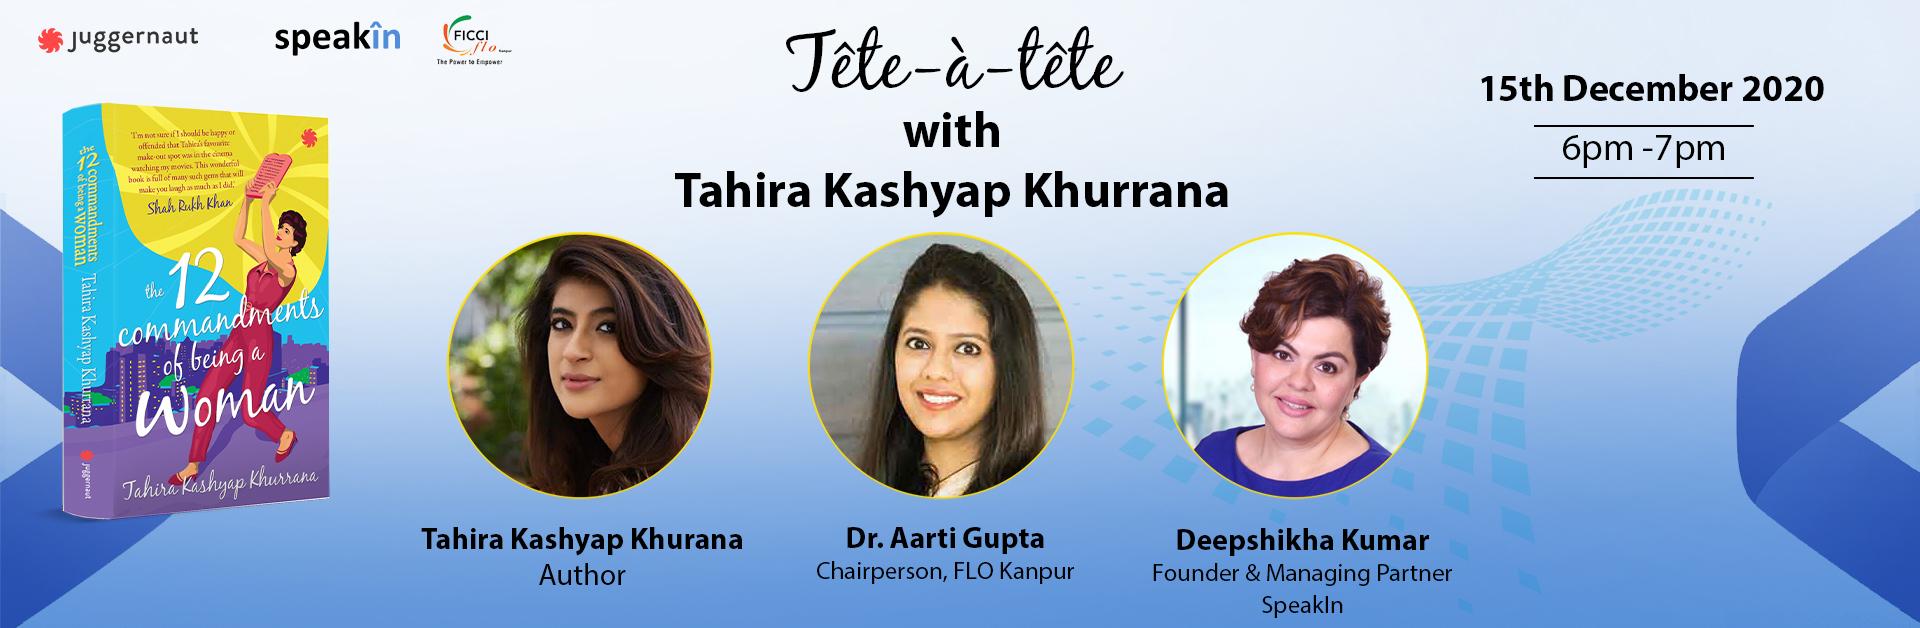 Tête-à-tête with Tahira Kashyap Khurrana